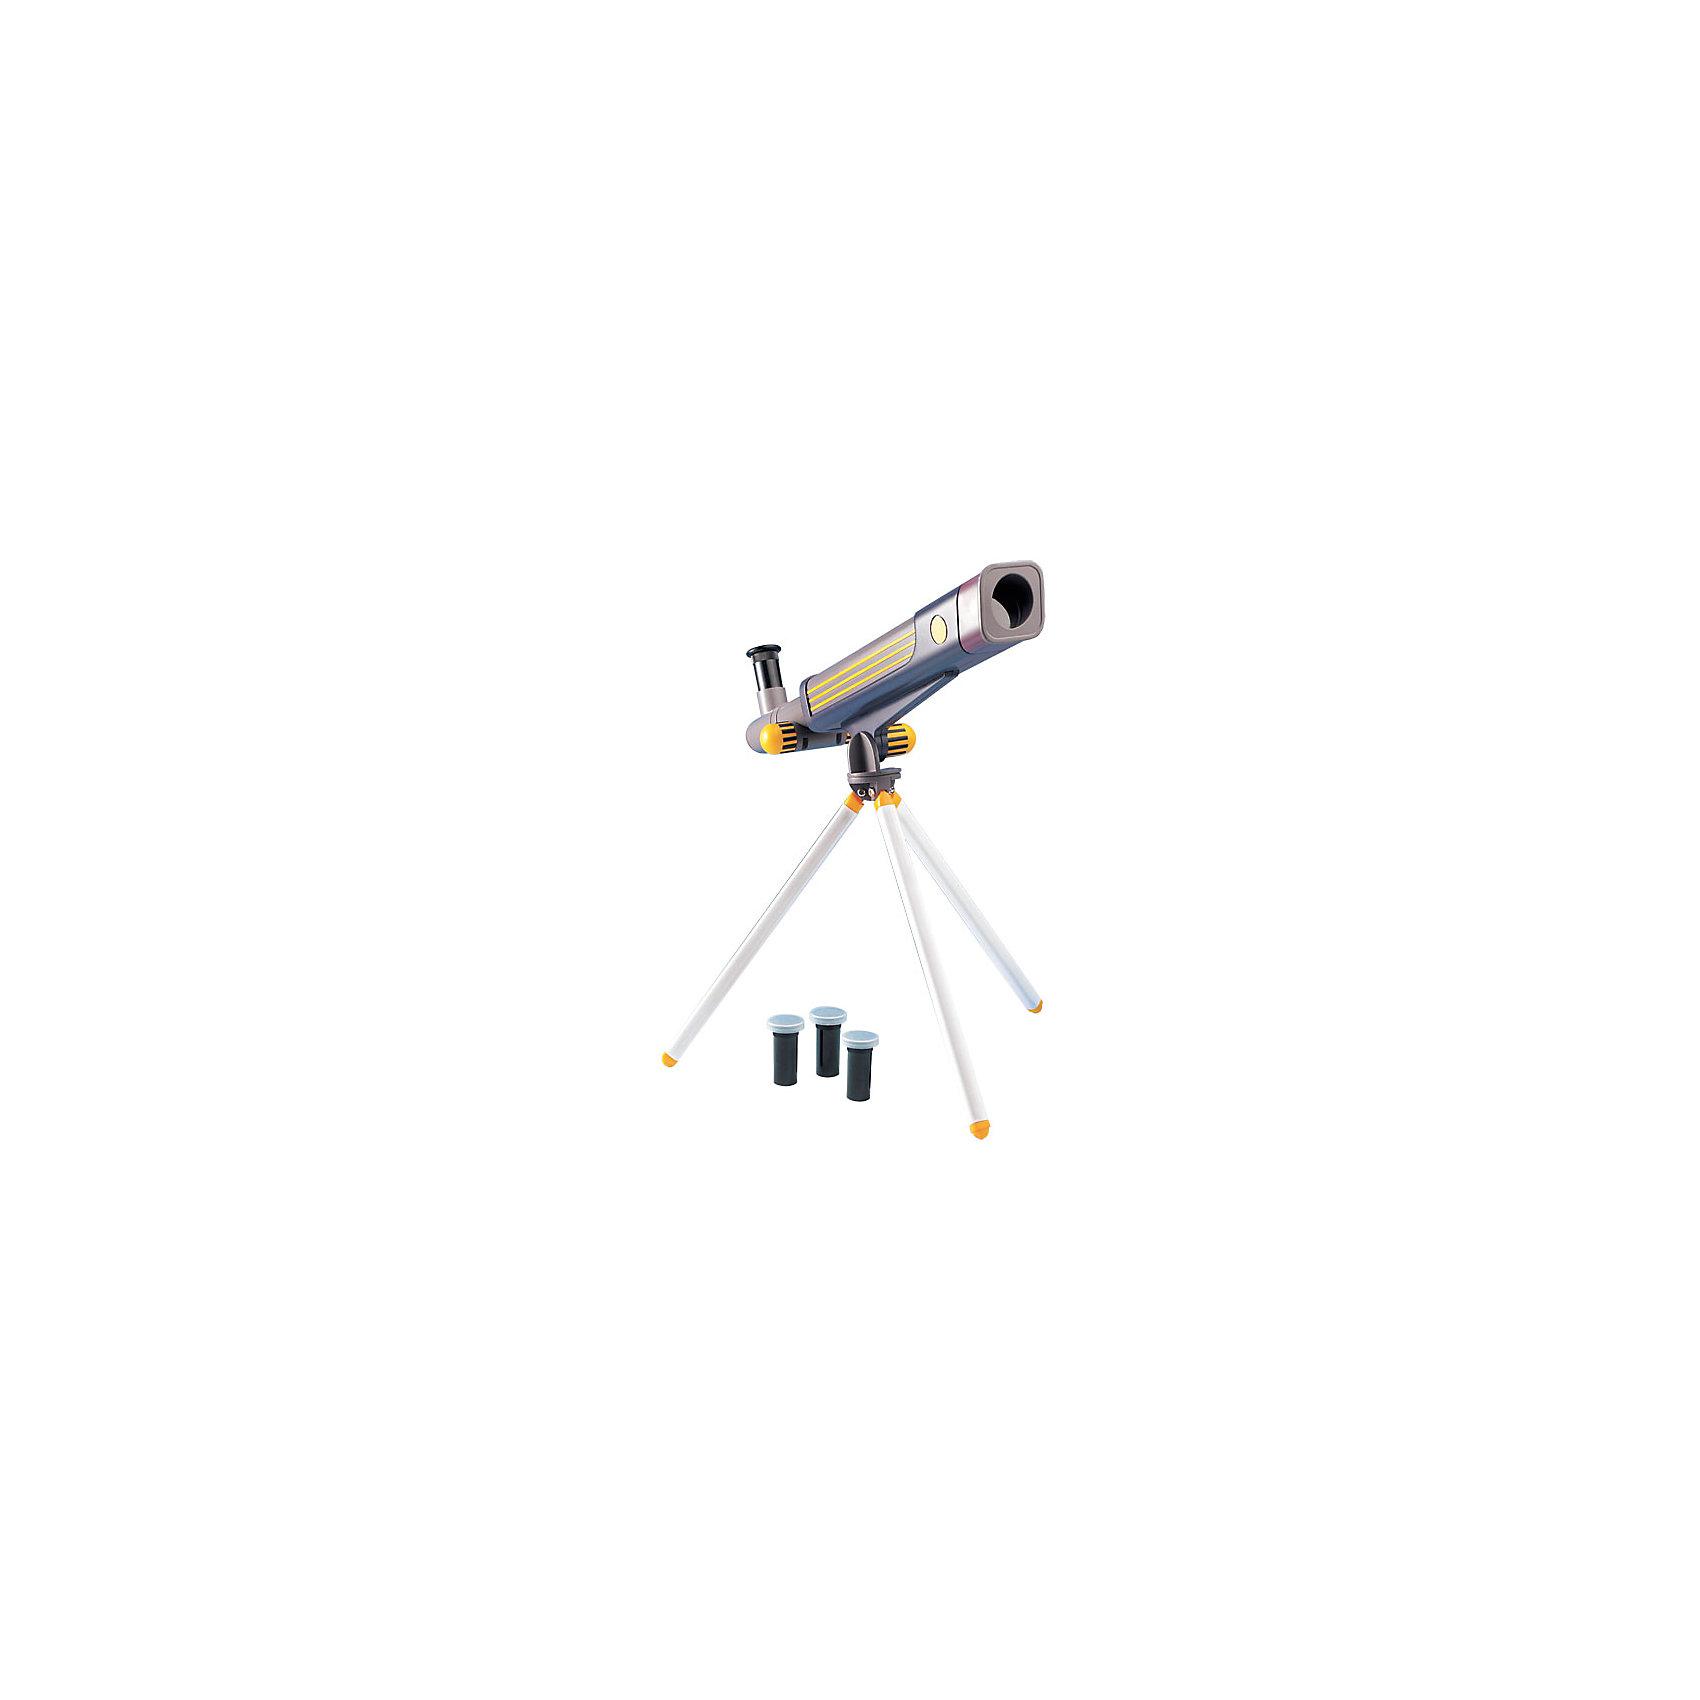 Телескоп 20*40*60, Edu-ToysТелескоп, Edu-Toys, станет замечательным помощником для юного исследователя и поможет вести увлекательные наблюдения за окружающим миром и звездным небом. Прибор представляет собой металлический корпус, который следует закрепить на штативе-треноге. Сменные окуляры с увеличением 20х, 40х, 60х дают возможность вести наблюдение за разными типами объектов. Специальная ручка регулировки поможет наладить нужную резкость и сделать наблюдаемый объект четче. Телескоп также оборудован видоискателем, зеркалом-отражателем и увеличительной трубкой для линз.<br><br>Дополнительная информация:<br><br>- В комплекте: телескоп, руководство по эксплуатации.<br>- Материал: металл, пластик. <br>- Длина корпуса телескопа: 41 см.<br>- Высота штатива: 25 см.<br>- Диаметр объектива: 30 мм.<br>- Диаметр зеркала-отражателя: 30 мм.<br>- Окуляры: 20х, 40х, 60х.  <br>- Фокусируемая длина: 600 мм.<br>- Видоискатель 6/25 мм.<br>- Размер упаковки: 17,5 х 9,5 х 45,5 см.<br>- Вес: 0,76 кг.<br><br>Телескоп 20*40*60, Edu-Toys, можно купить в нашем интернет-магазине.<br><br>Ширина мм: 455<br>Глубина мм: 95<br>Высота мм: 175<br>Вес г: 760<br>Возраст от месяцев: 96<br>Возраст до месяцев: 144<br>Пол: Унисекс<br>Возраст: Детский<br>SKU: 4013733